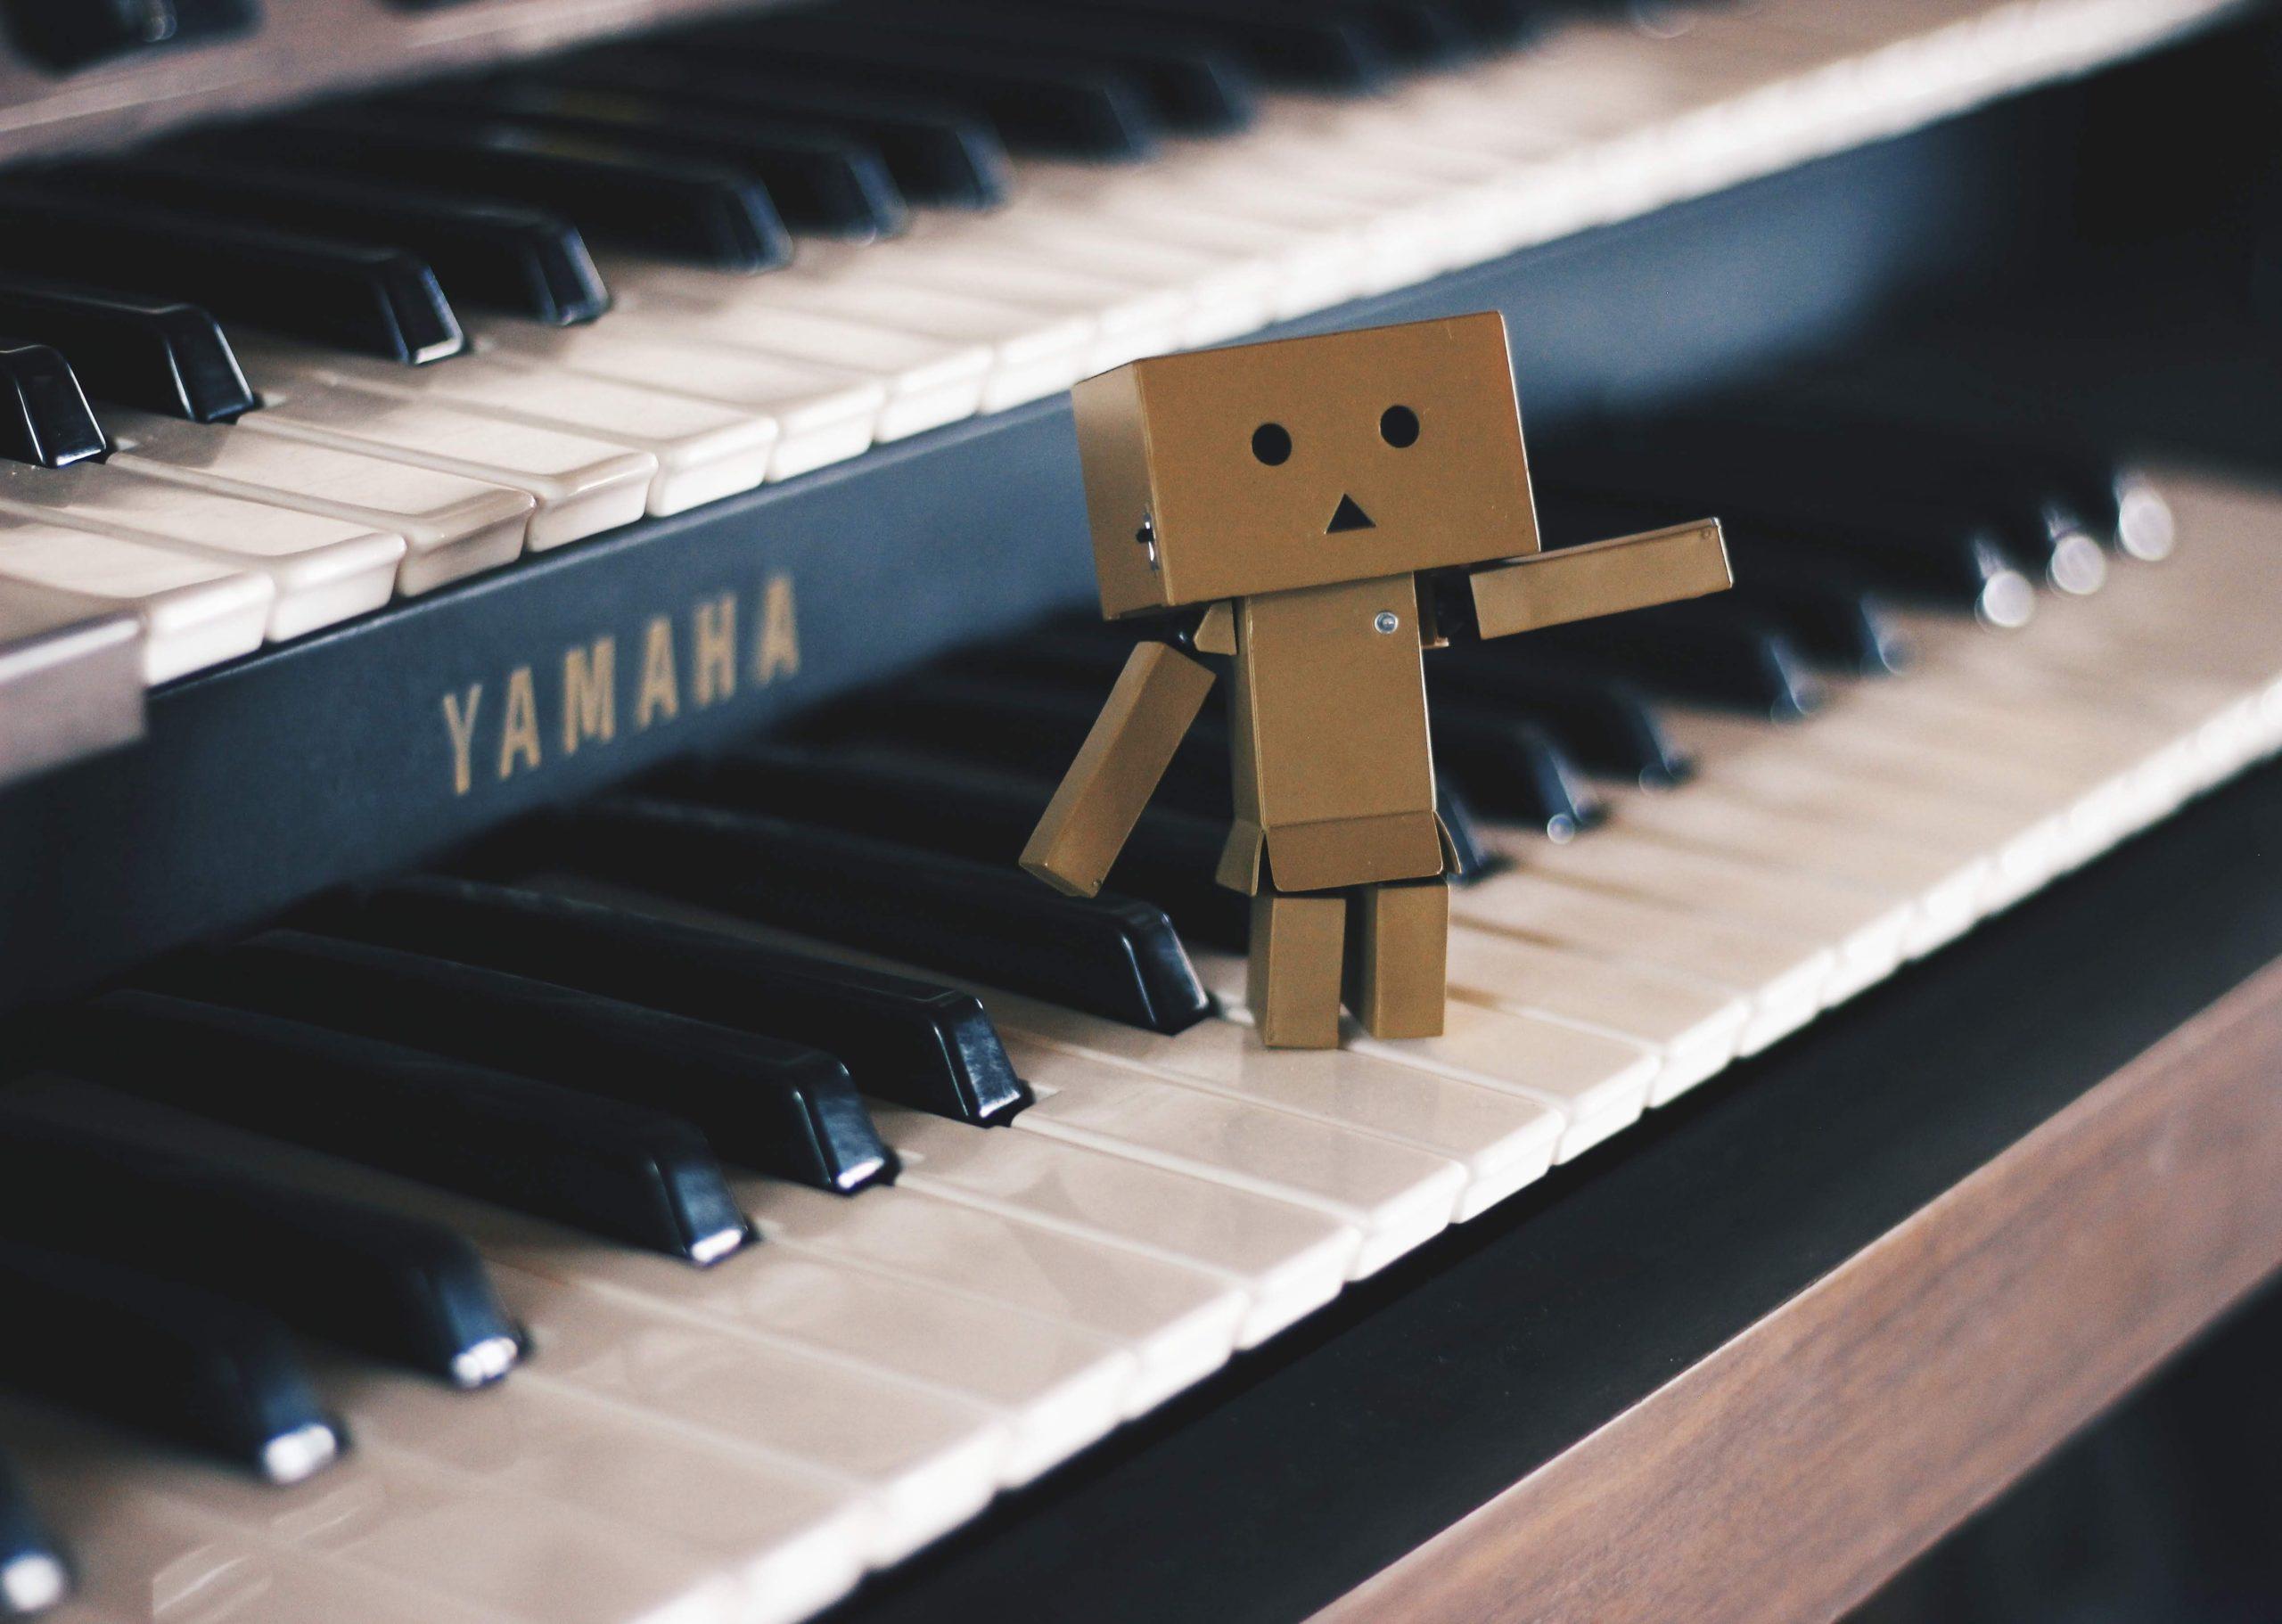 単調なソロピアノアレンジをイケメンにするヒント